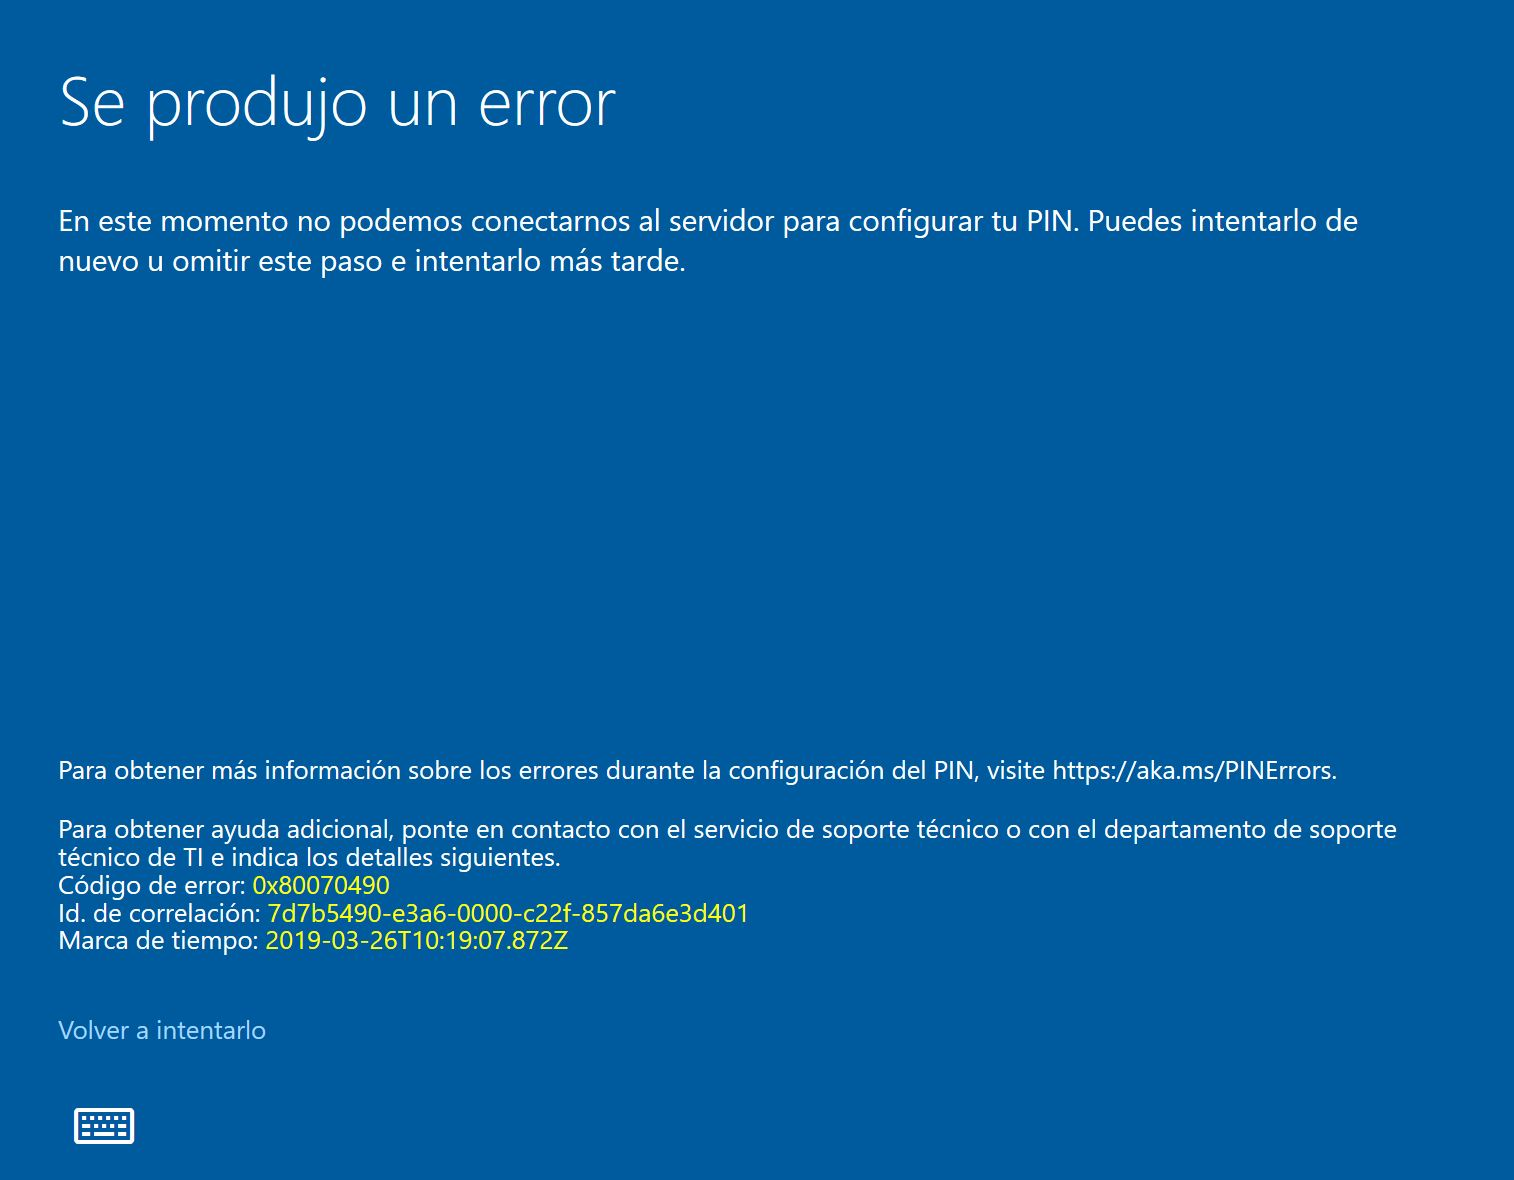 Windows 10 ≡ Error al crear PIN en Hello  - Microsoft Community